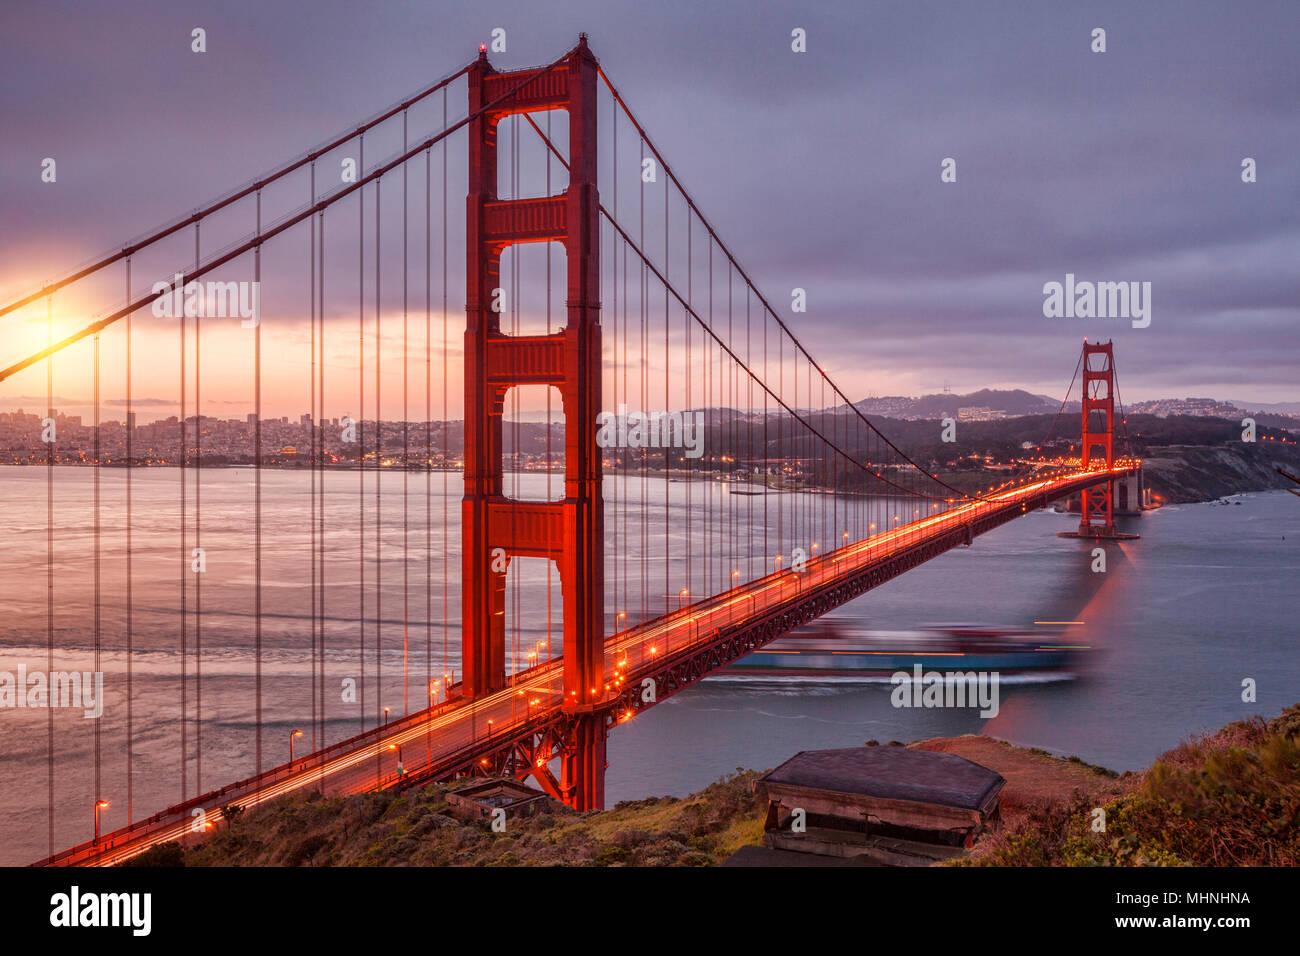 Il Golden Gate Bridge di San Francisco da batteria Spencer all'alba, con il traffico sul ponte e una nave portacontainer vela fuori dall'alloggiamento. Immagini Stock